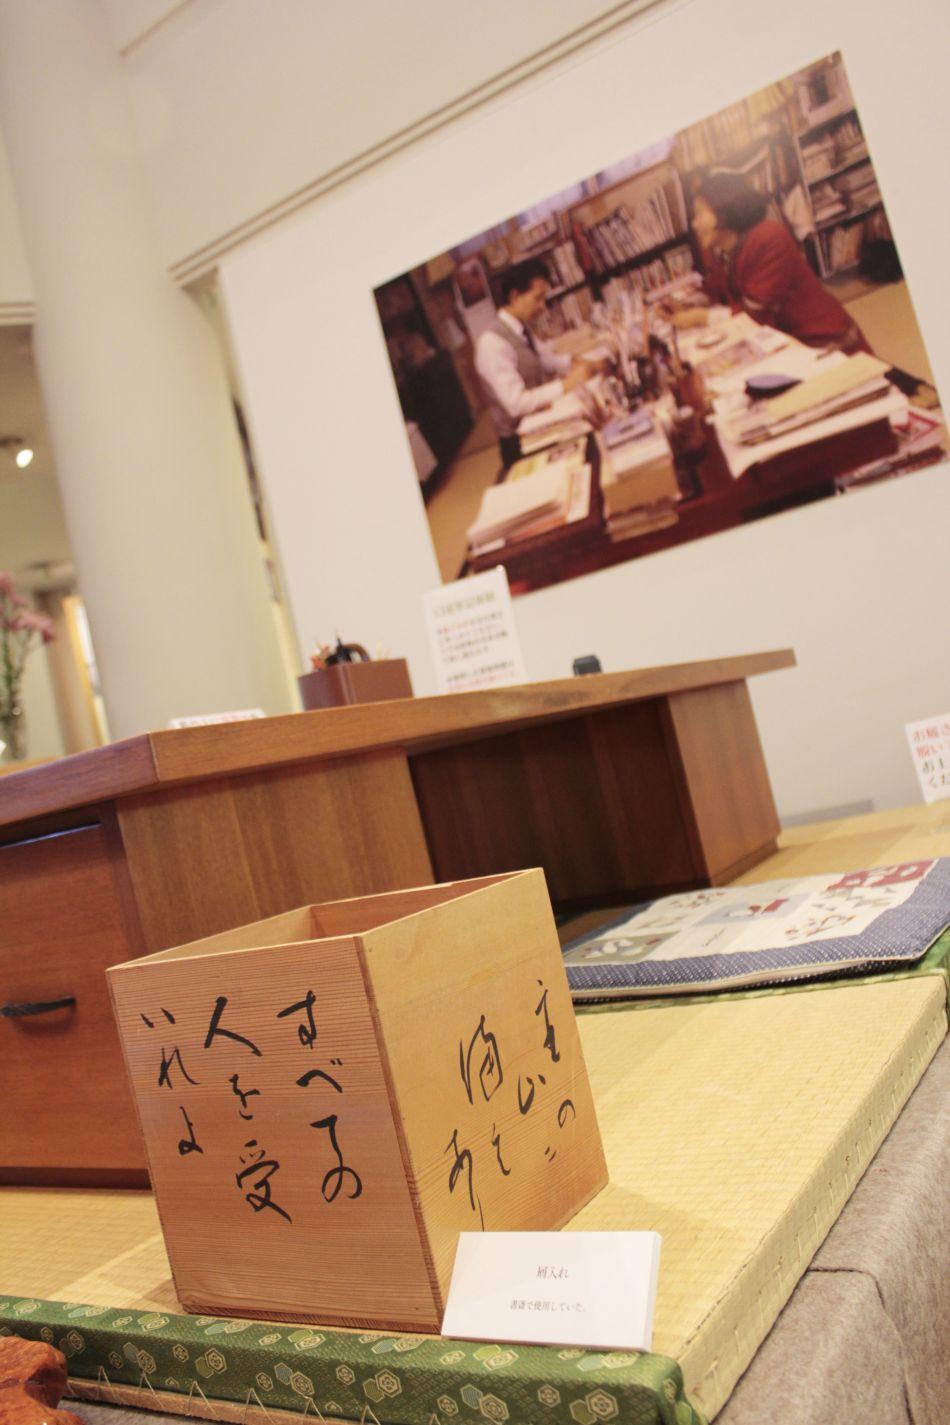 三浦綾子と光世の書斎展 2016年7月23日から8月27日まで